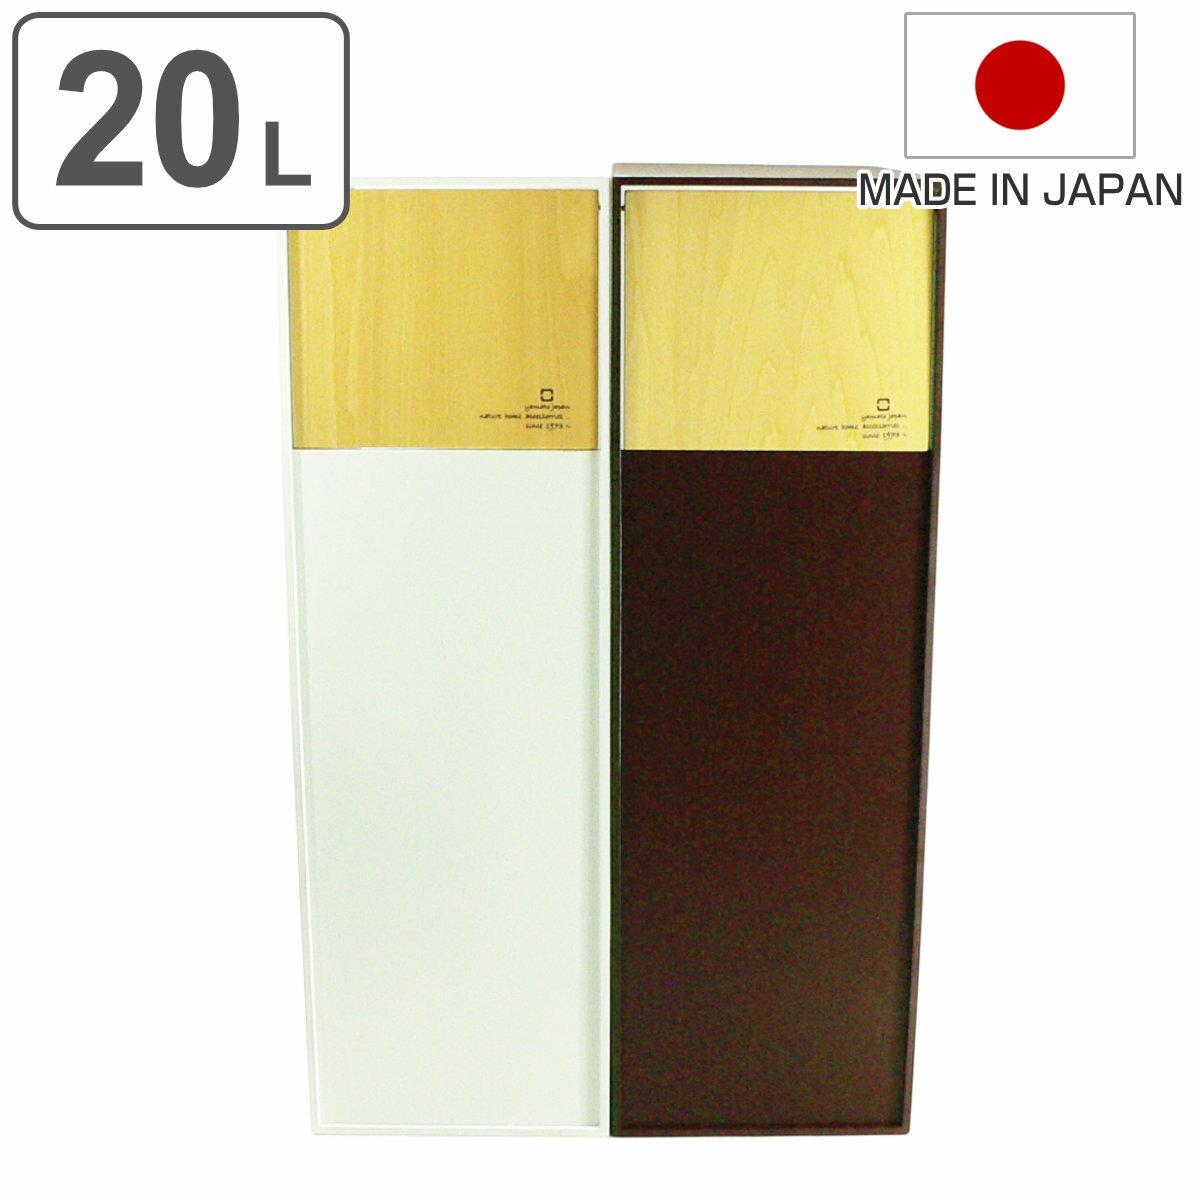 ゴミ箱 ヤマト工芸 yamato 木製 DOORS S 20L ( 送料無料 ごみ箱 ダストボックス スイング フタ付 ダストBOX くずかご くず入れ おしゃれ )